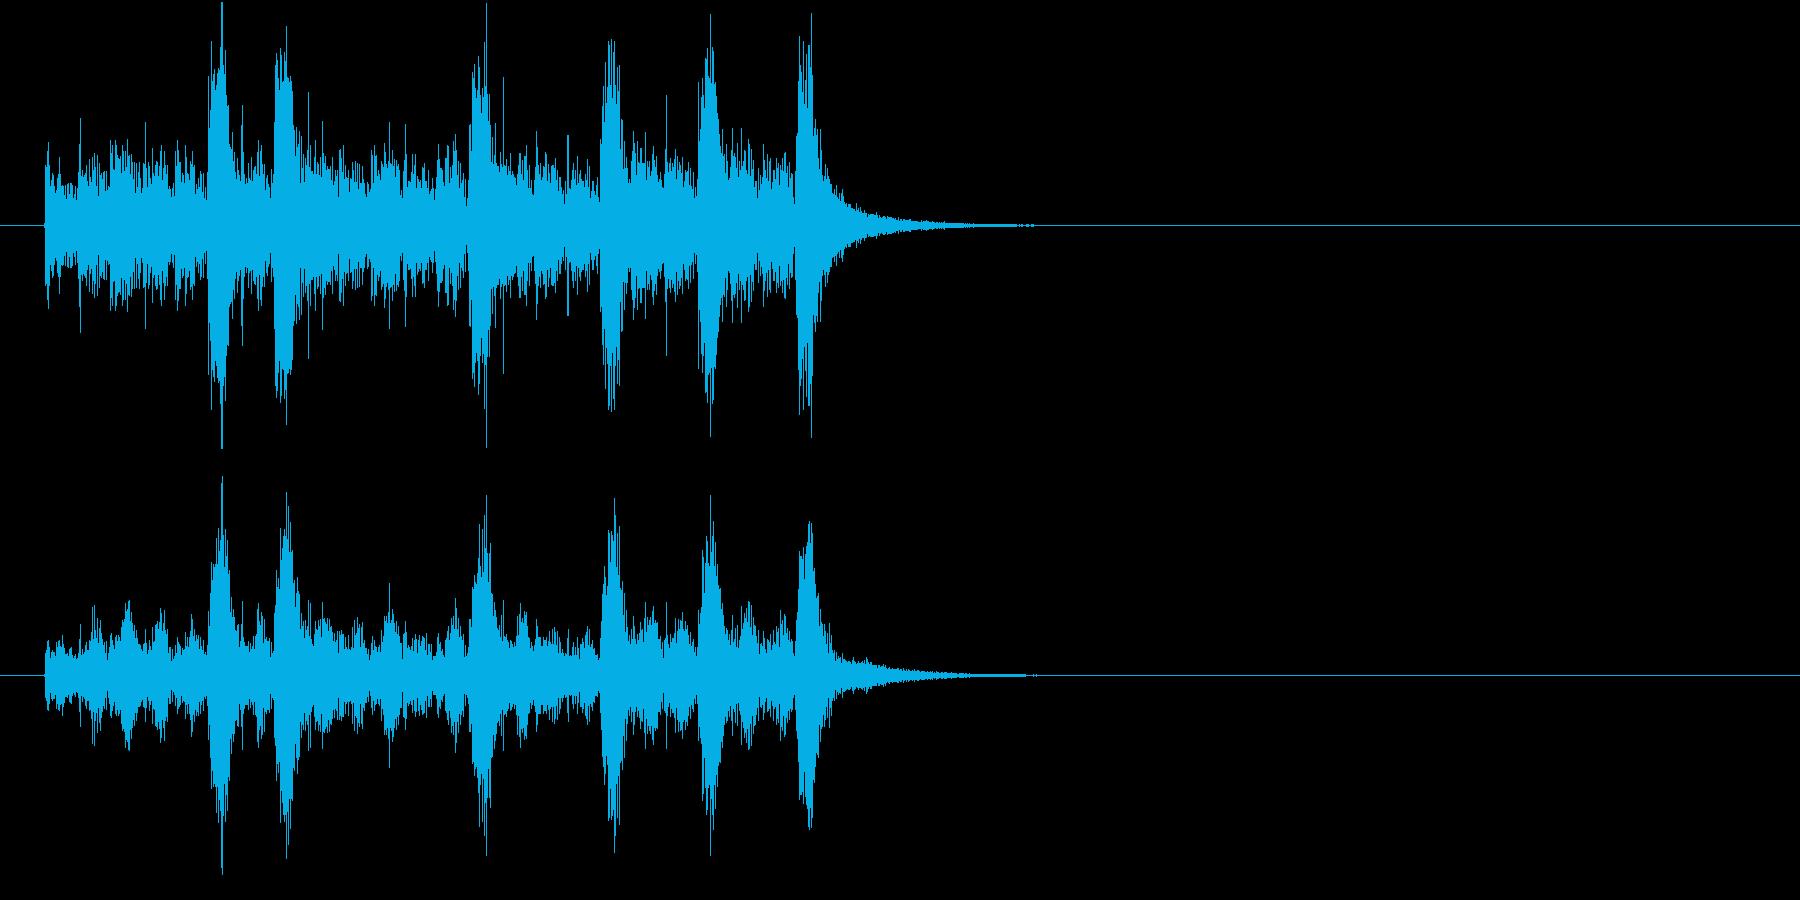 ジングル(SFX風)の再生済みの波形